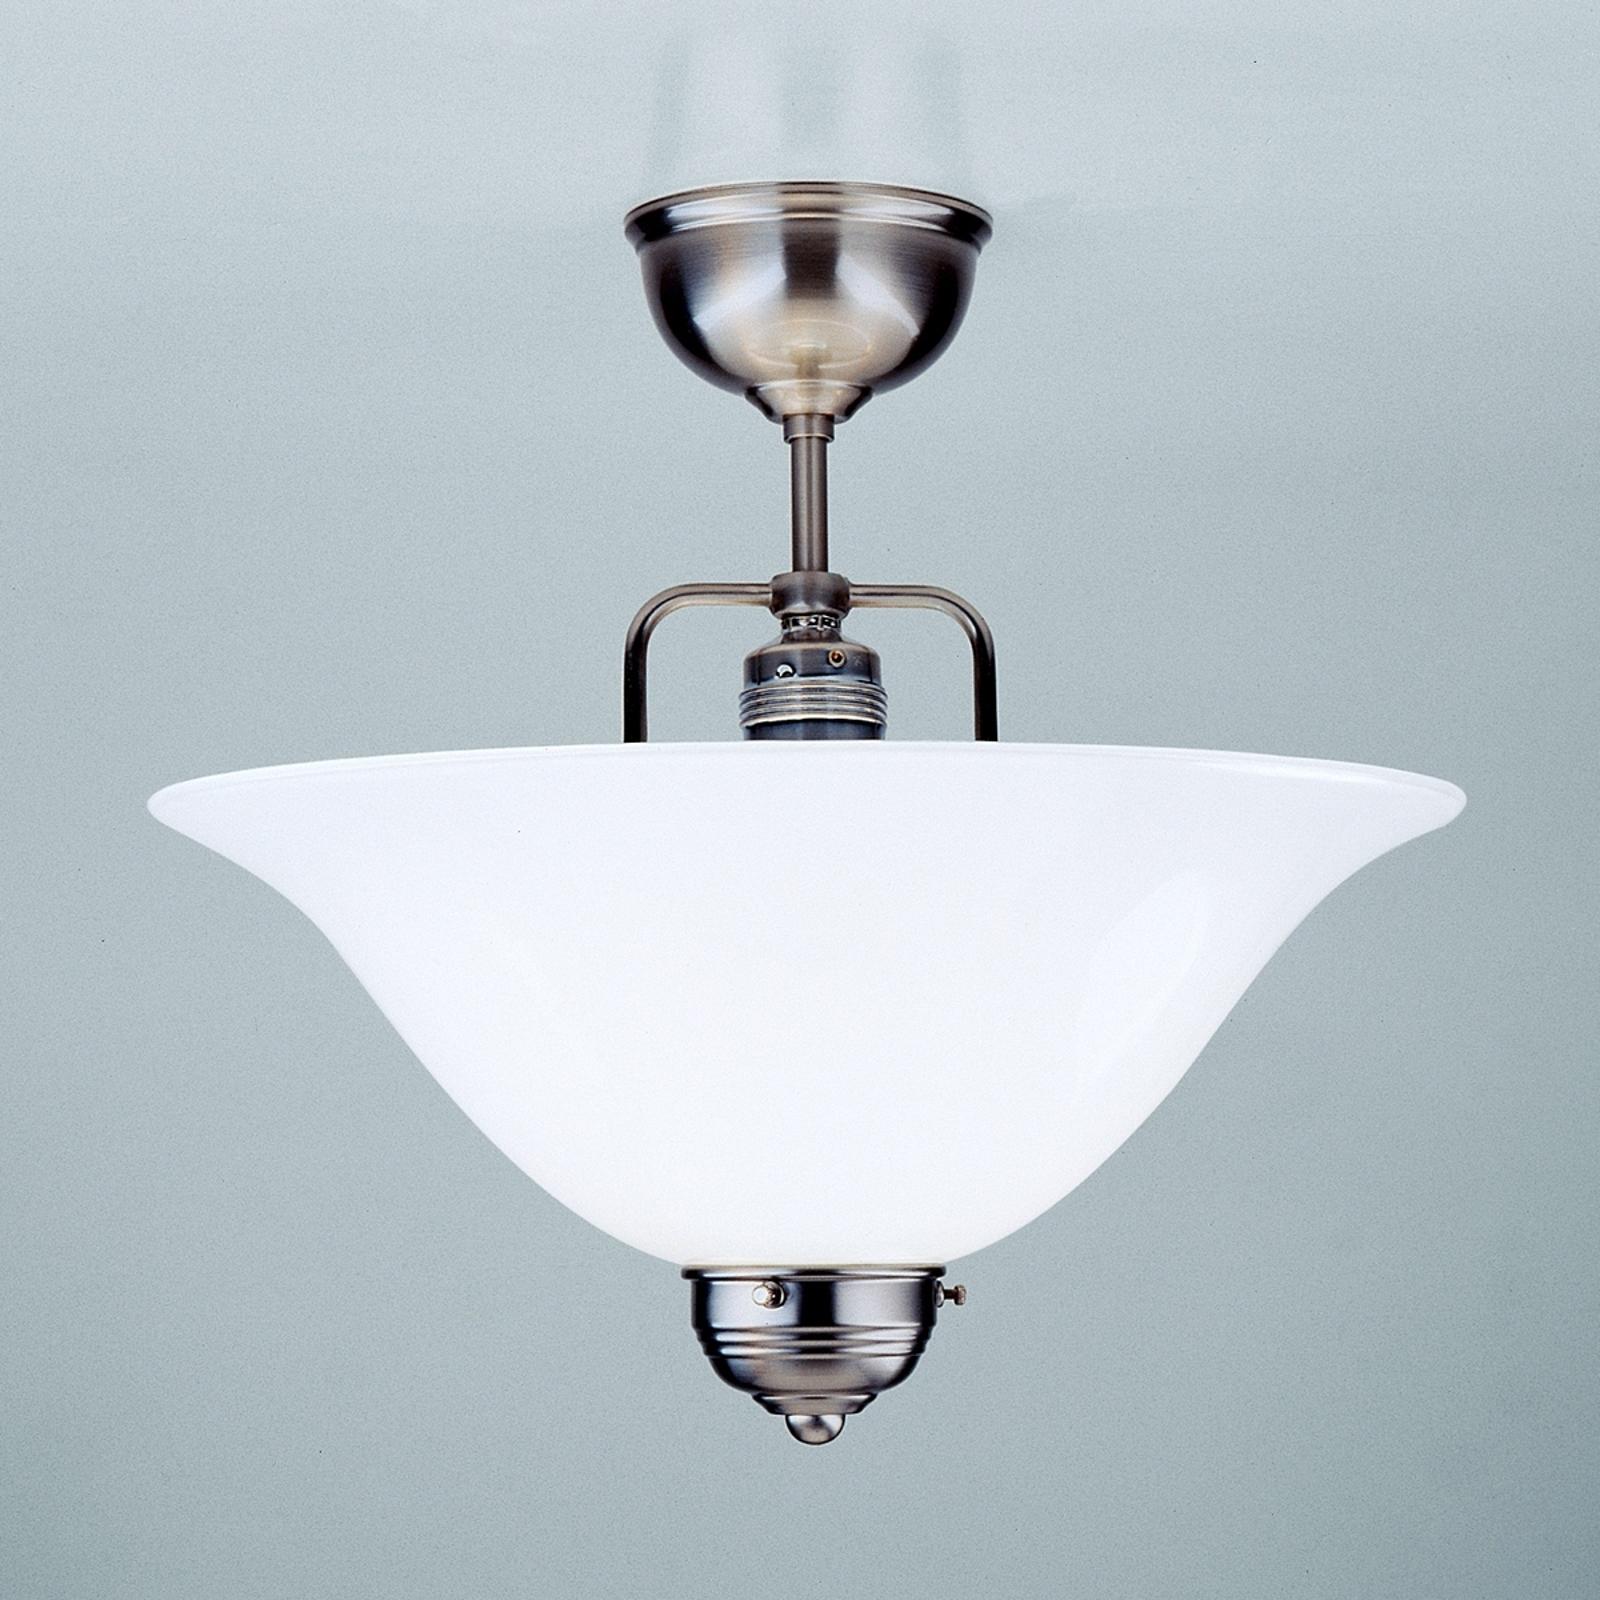 Nikkel loftslampen ROSA, håndlavet